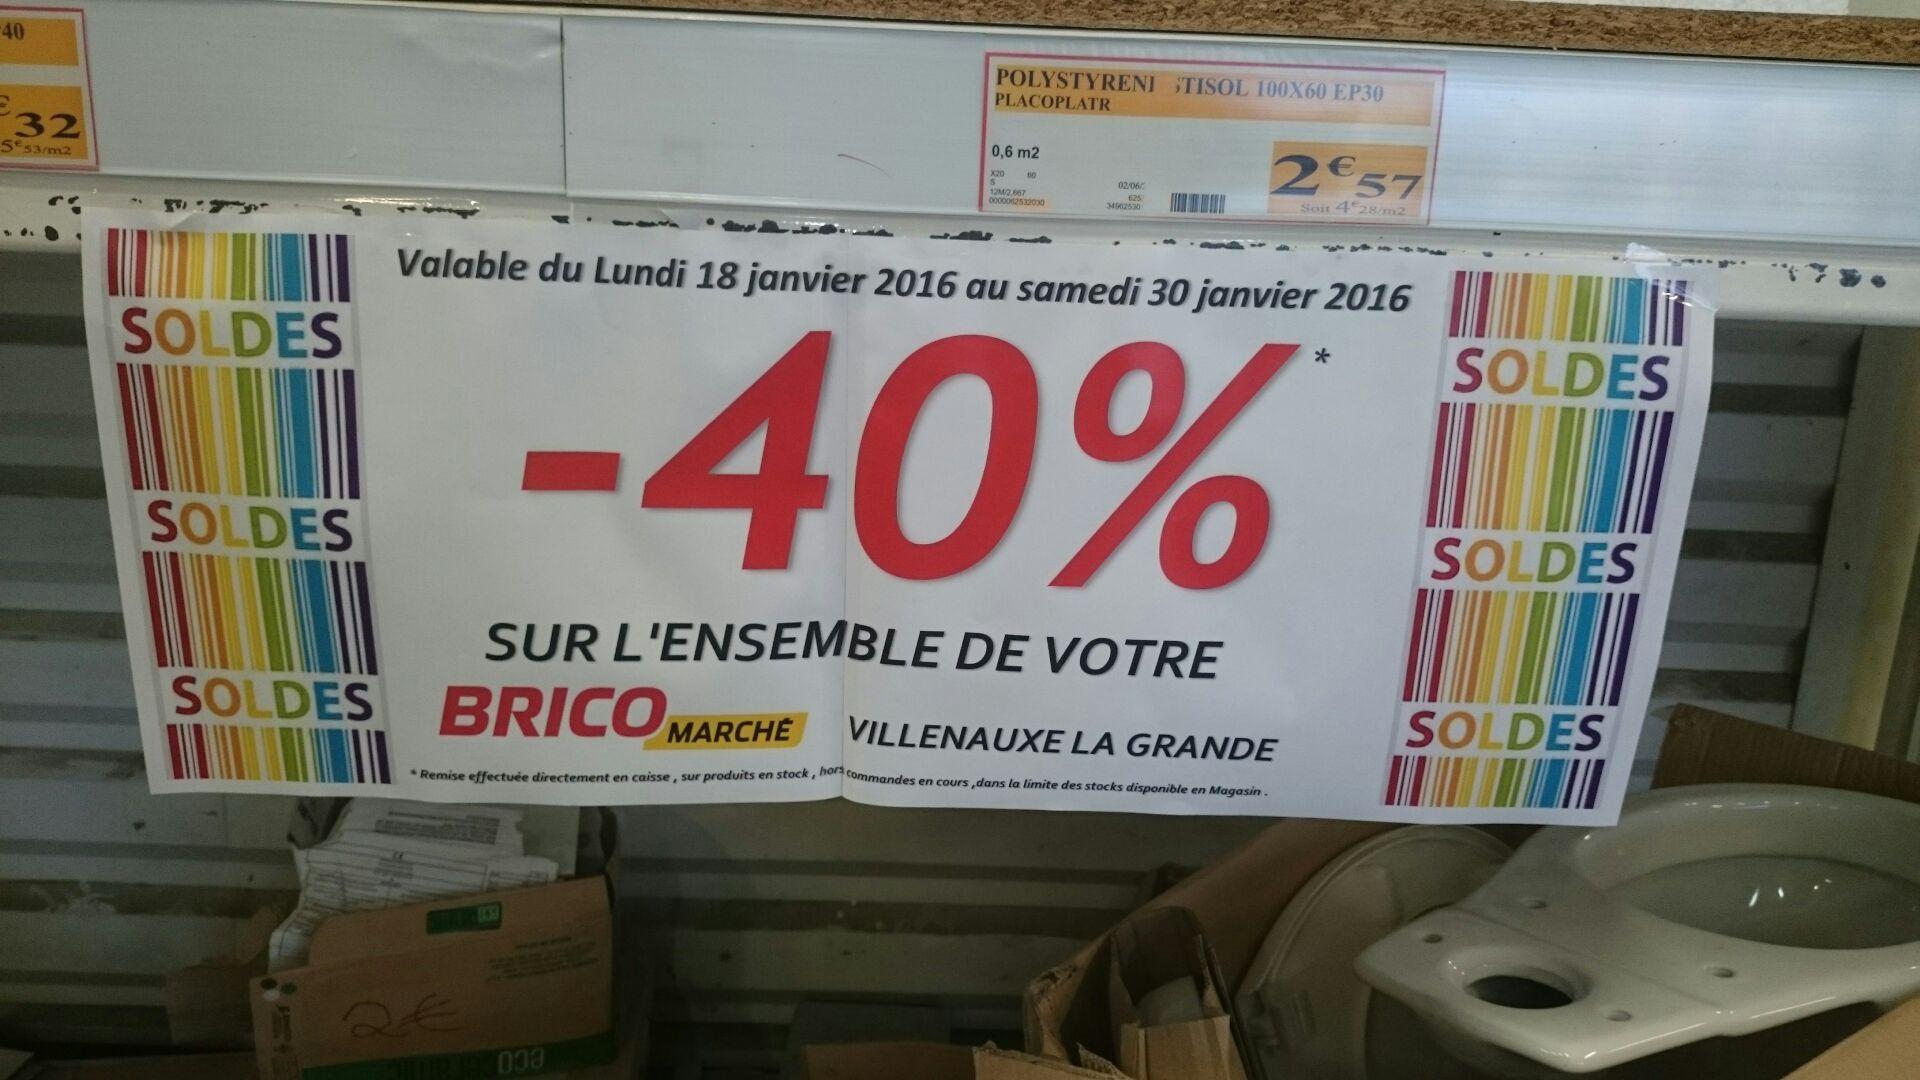 40% de réduction sur tout le magasin avant fermeture